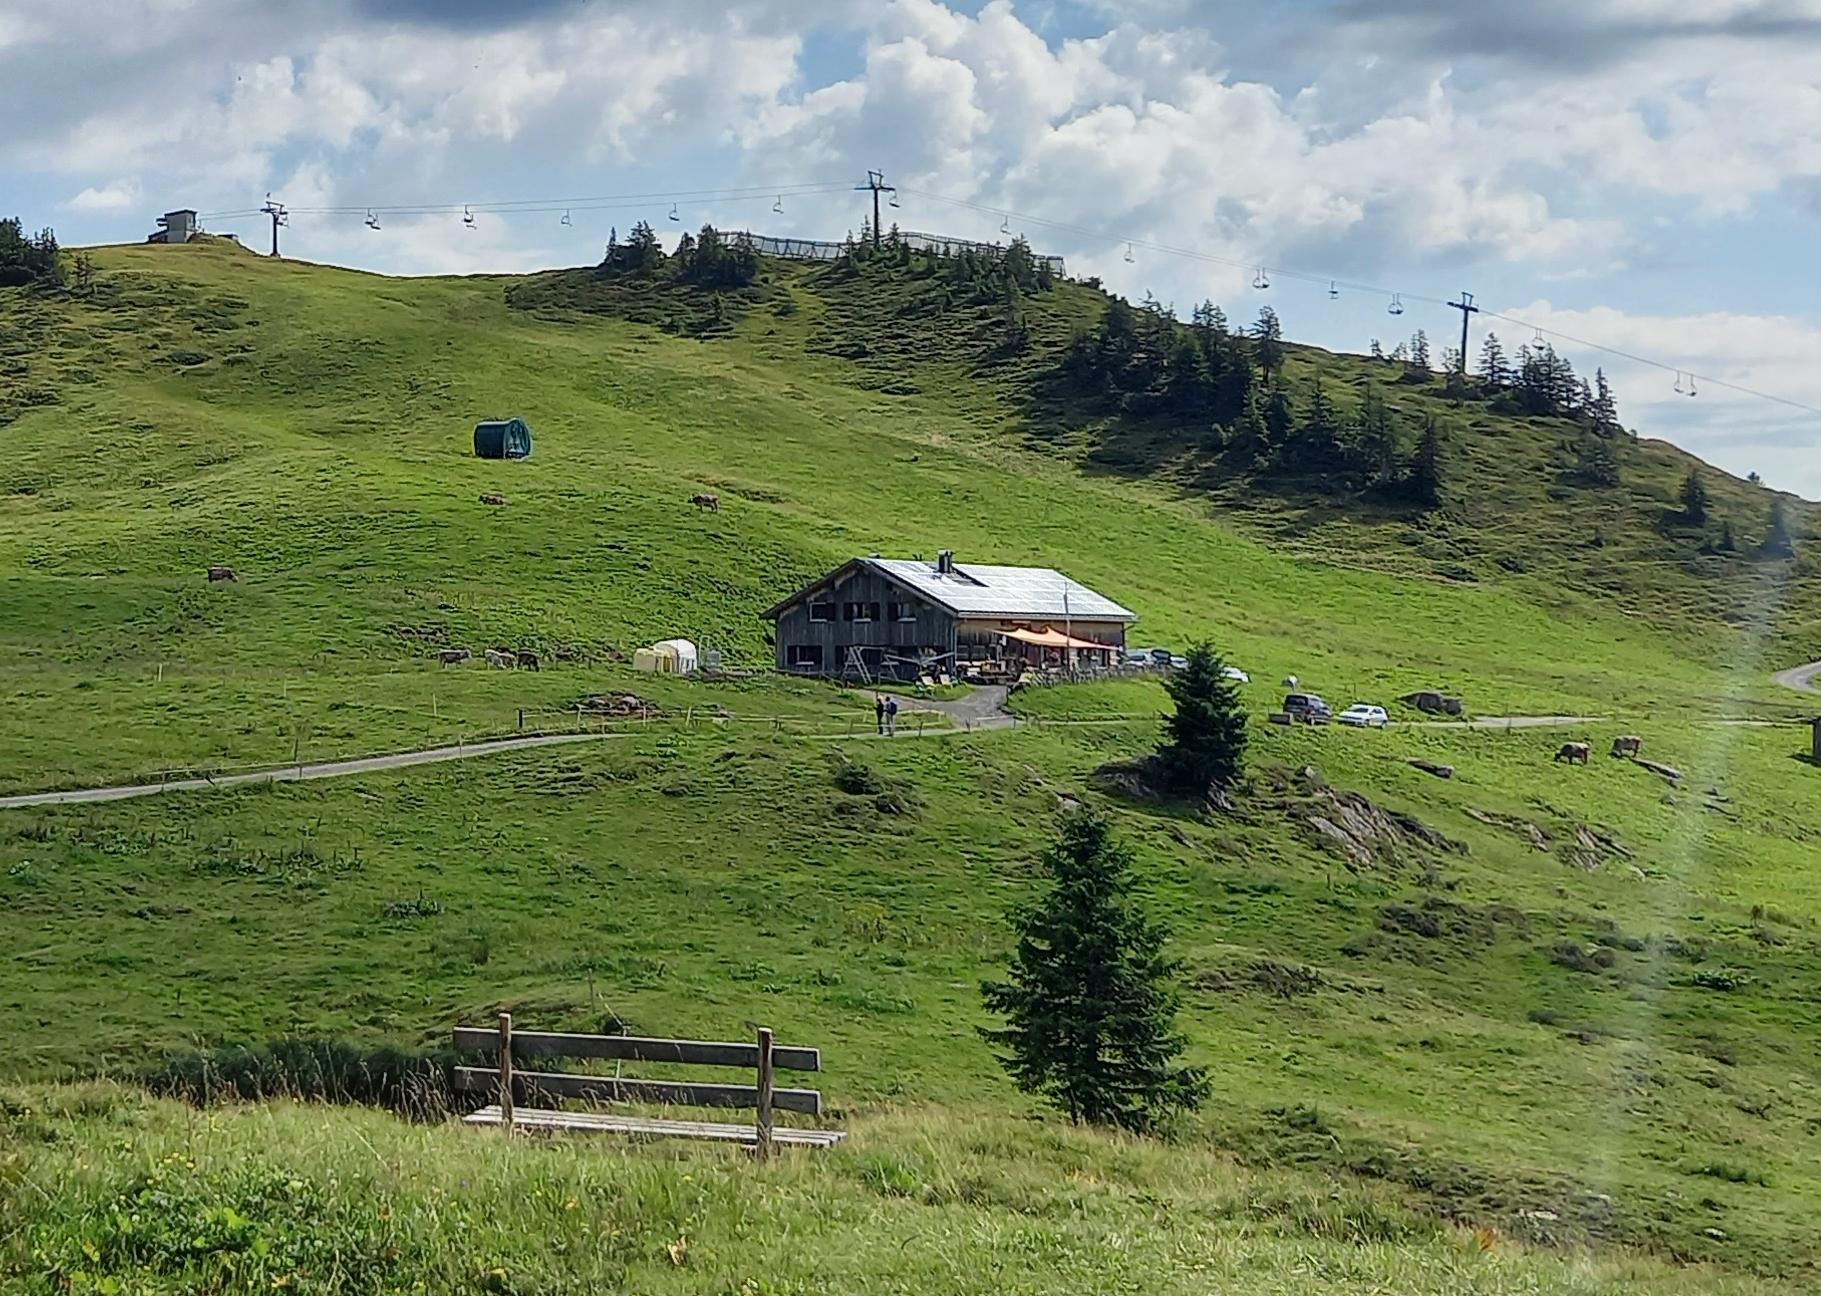 Tagesausflug auf die Alpe Oberdamüls am 11.8.2021 mit Adolf Fetz